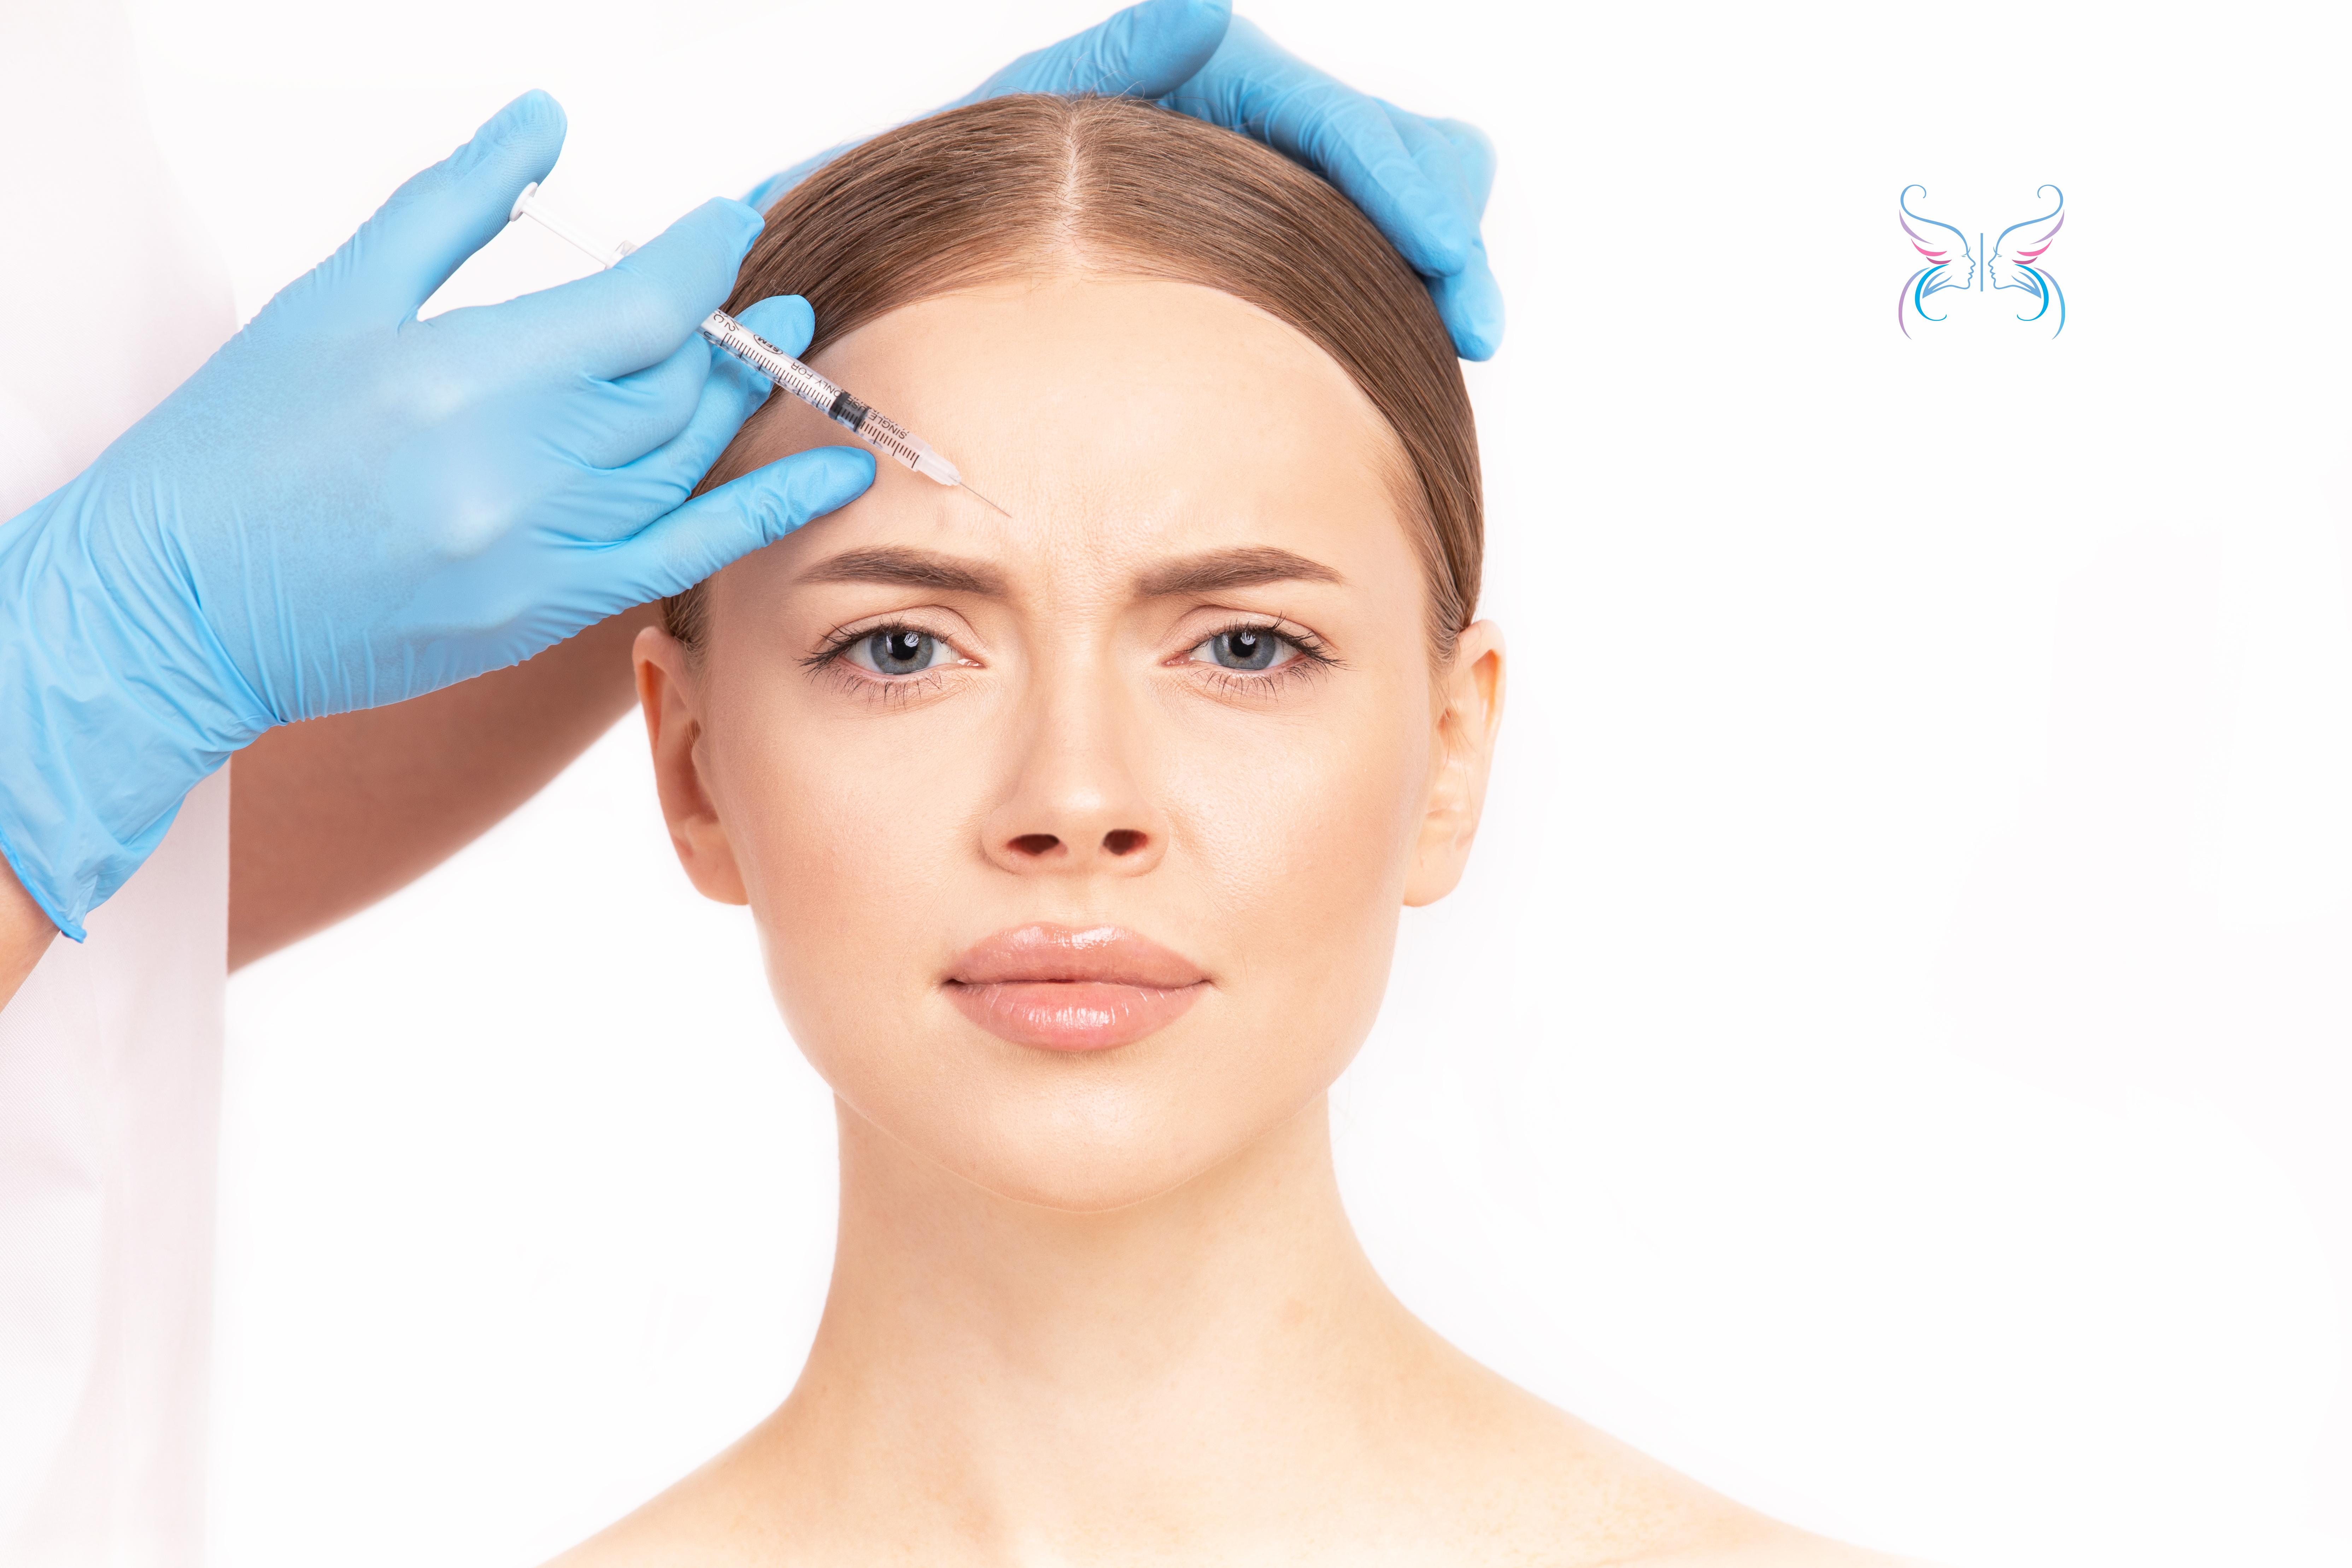 Ботокс (Botox) инъекции для зоны между бровями